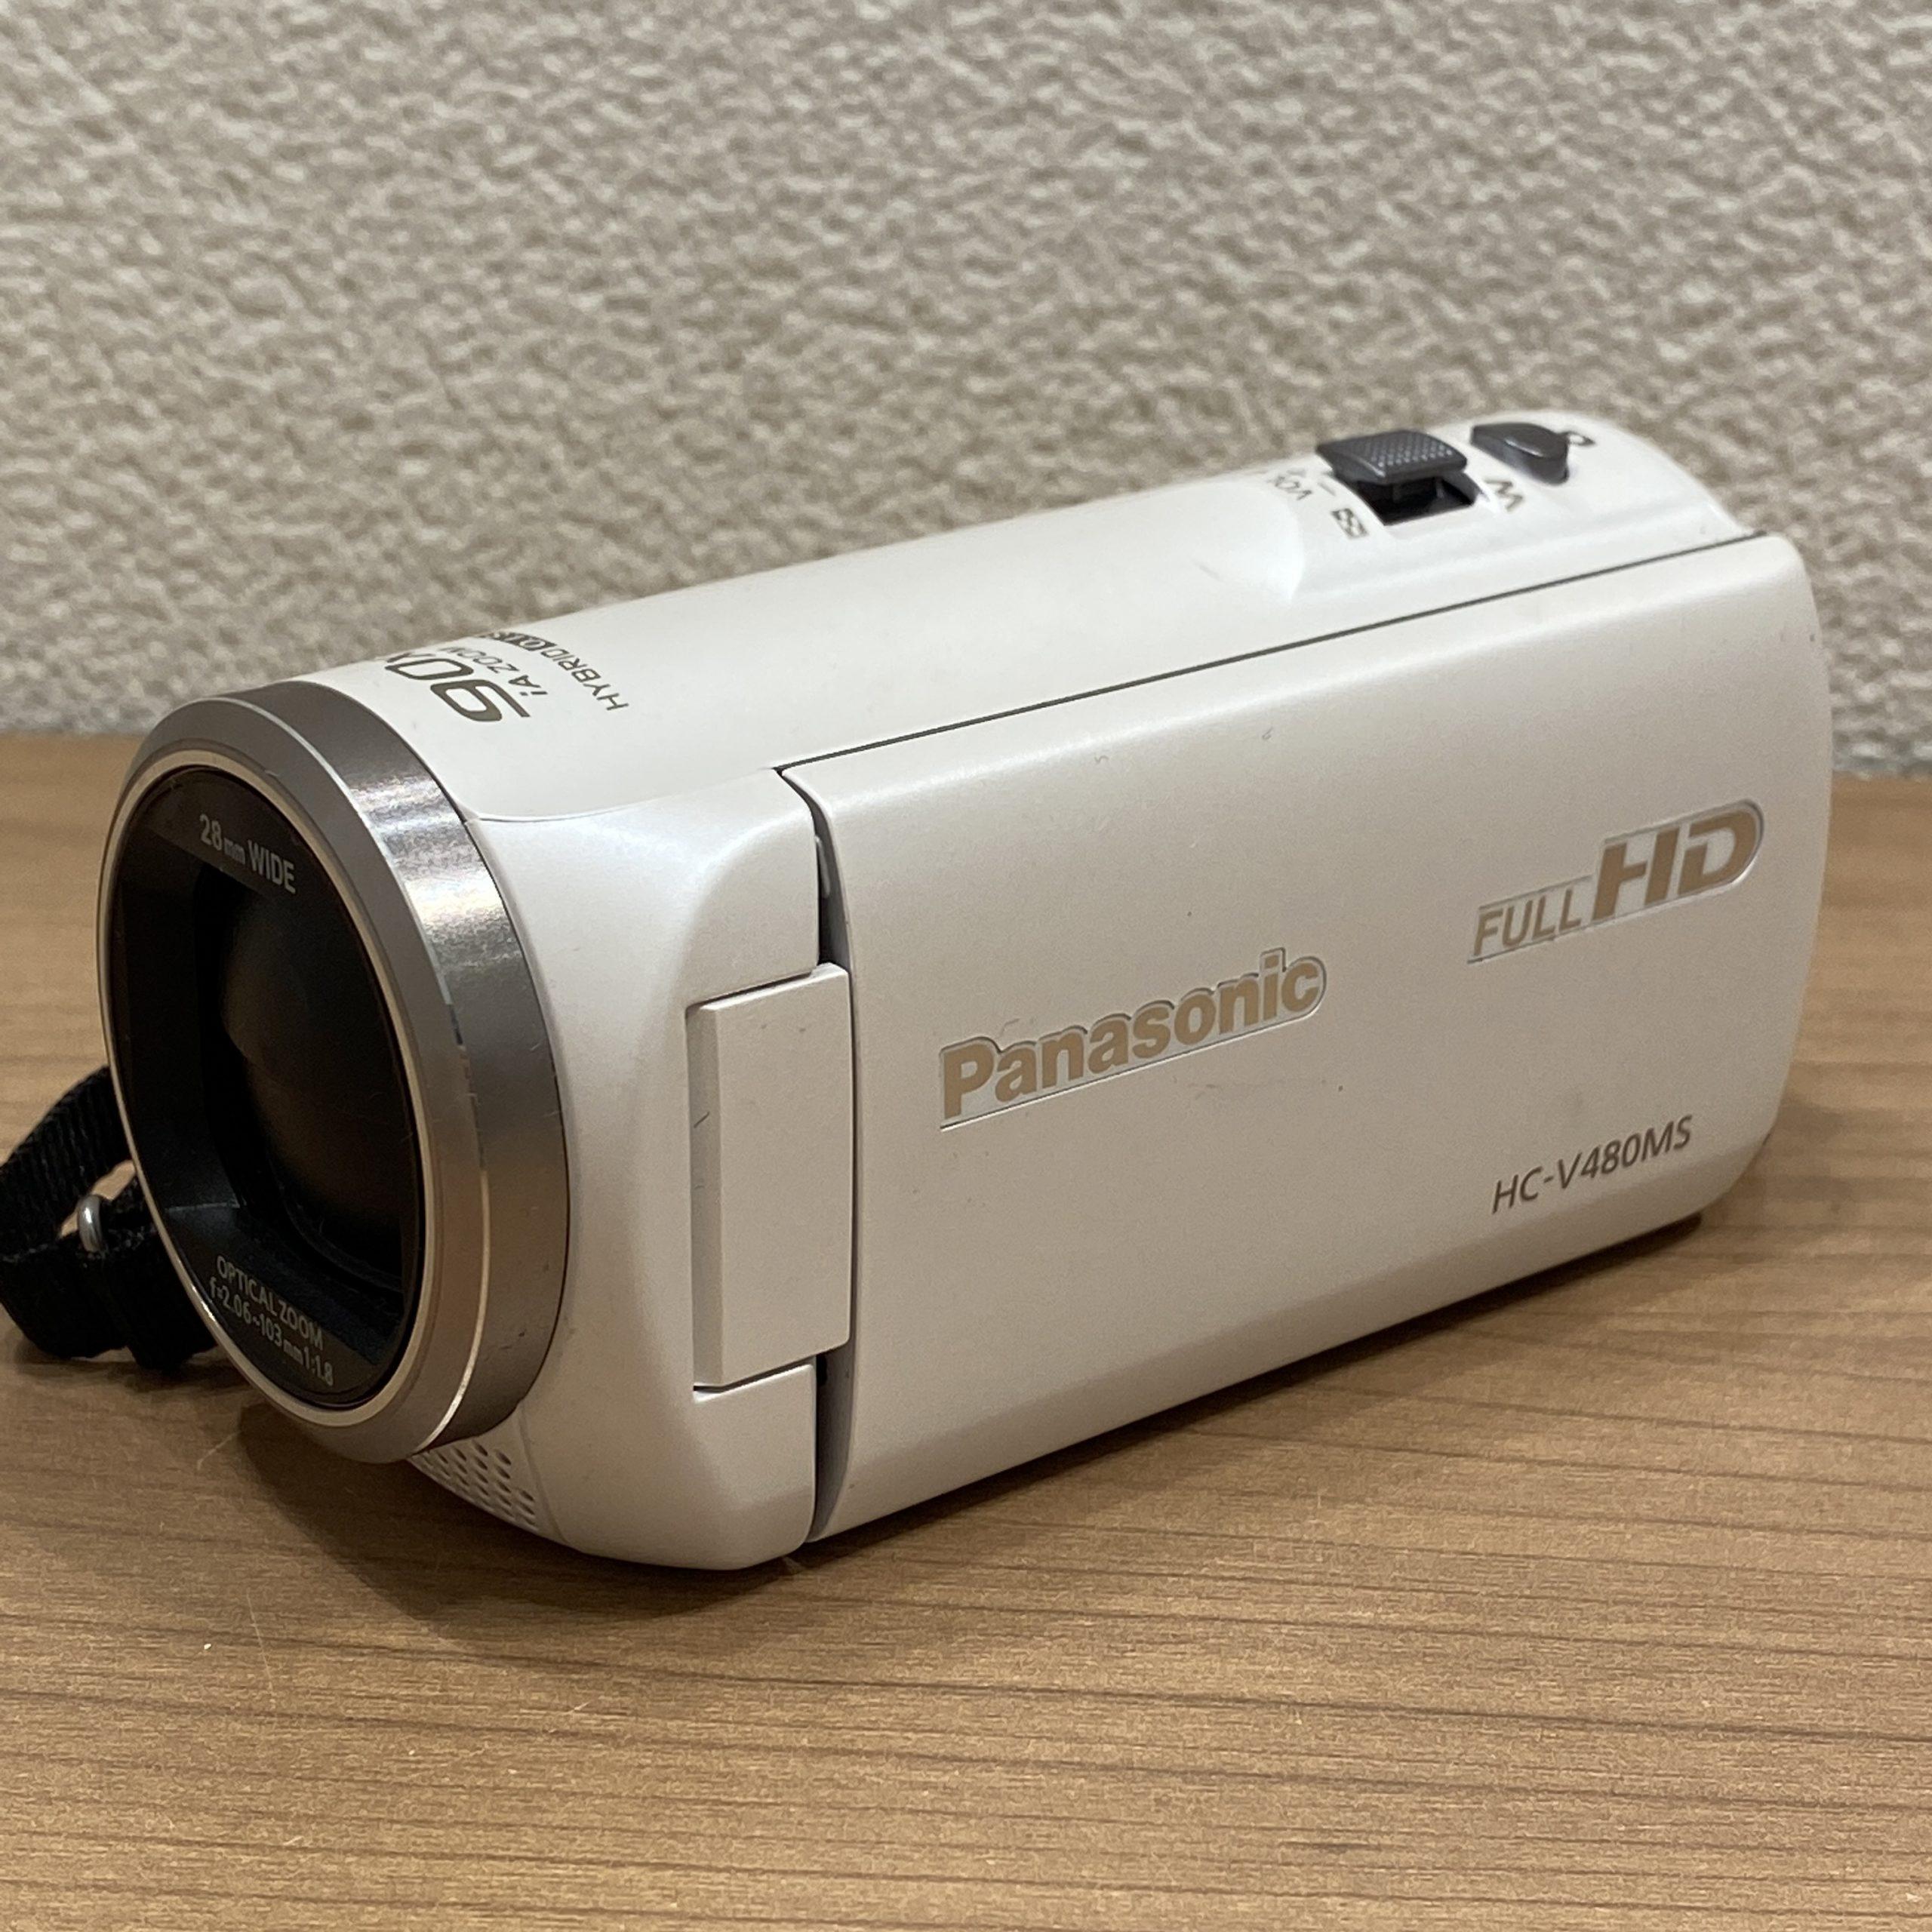 【Panasonic/パナソニック】FULL HD/ハンディカム HC-V480MS ビデオカメラ 28mm